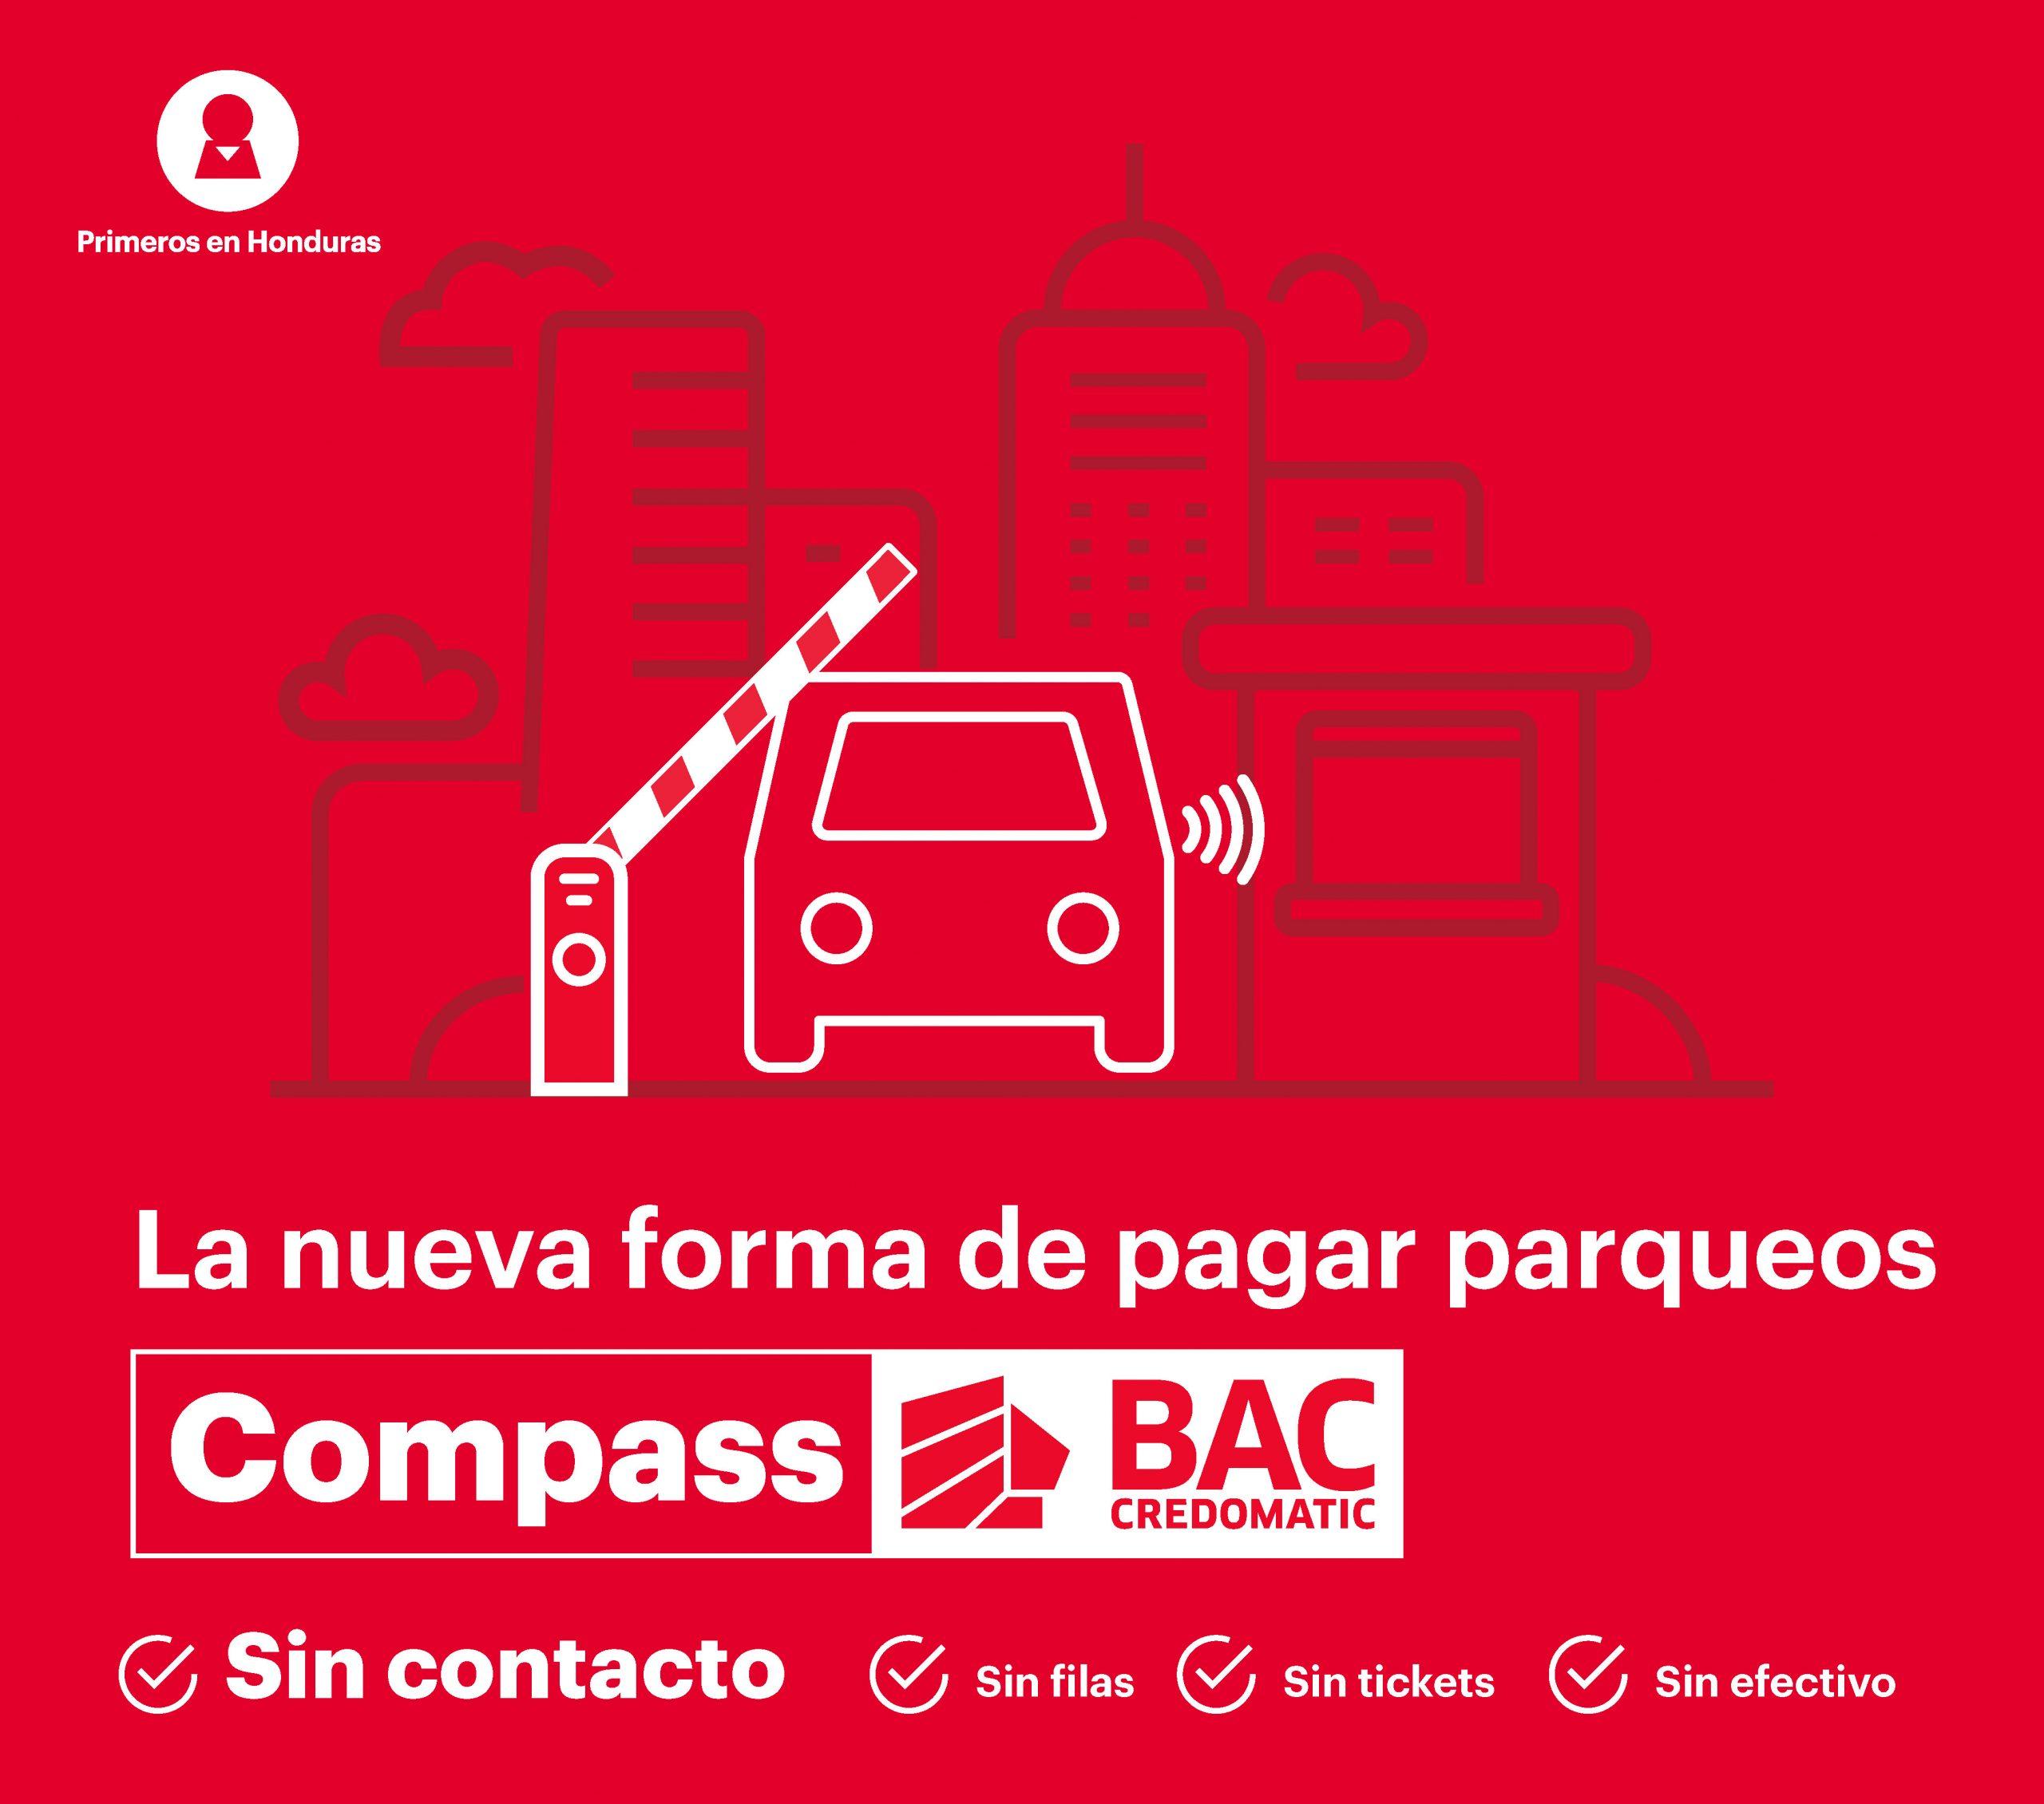 BAC presenta «Compass», su calcomanía inteligente para el pago de estacionamientos